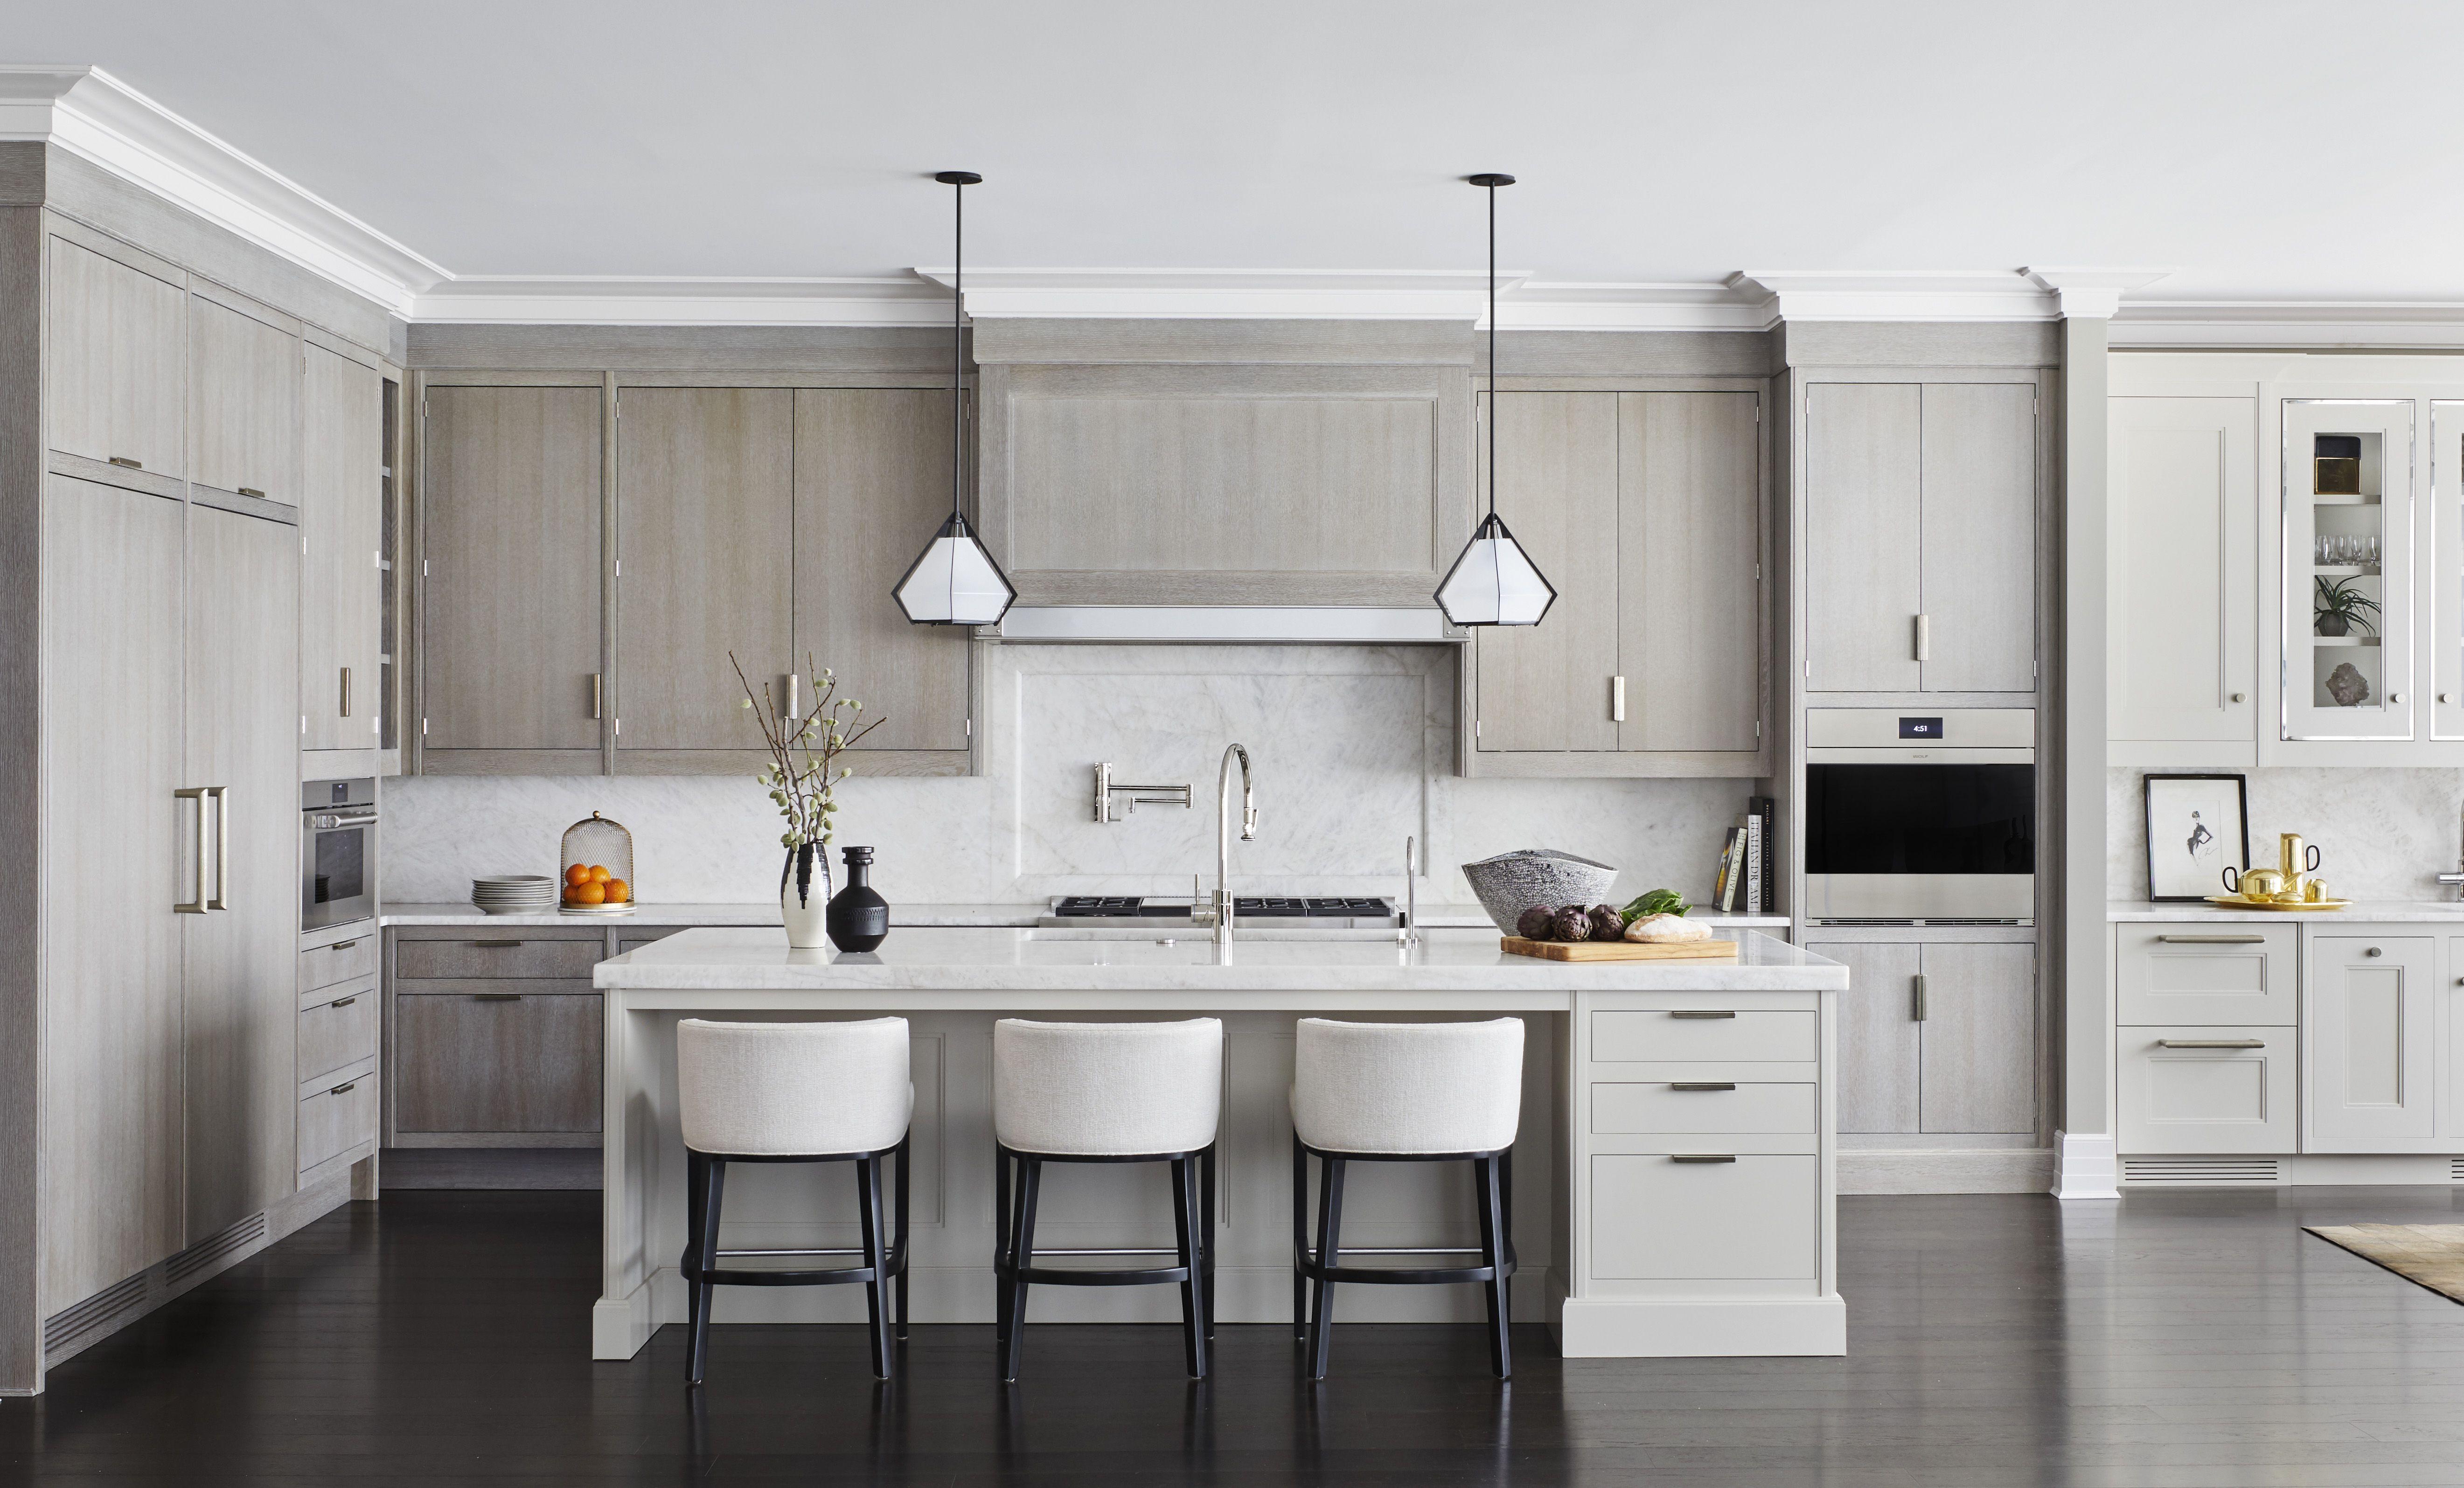 Modern Evolution Kitchen Design In 2020 Modern Luxury Interior Kitchen Design Chicago Interior Design